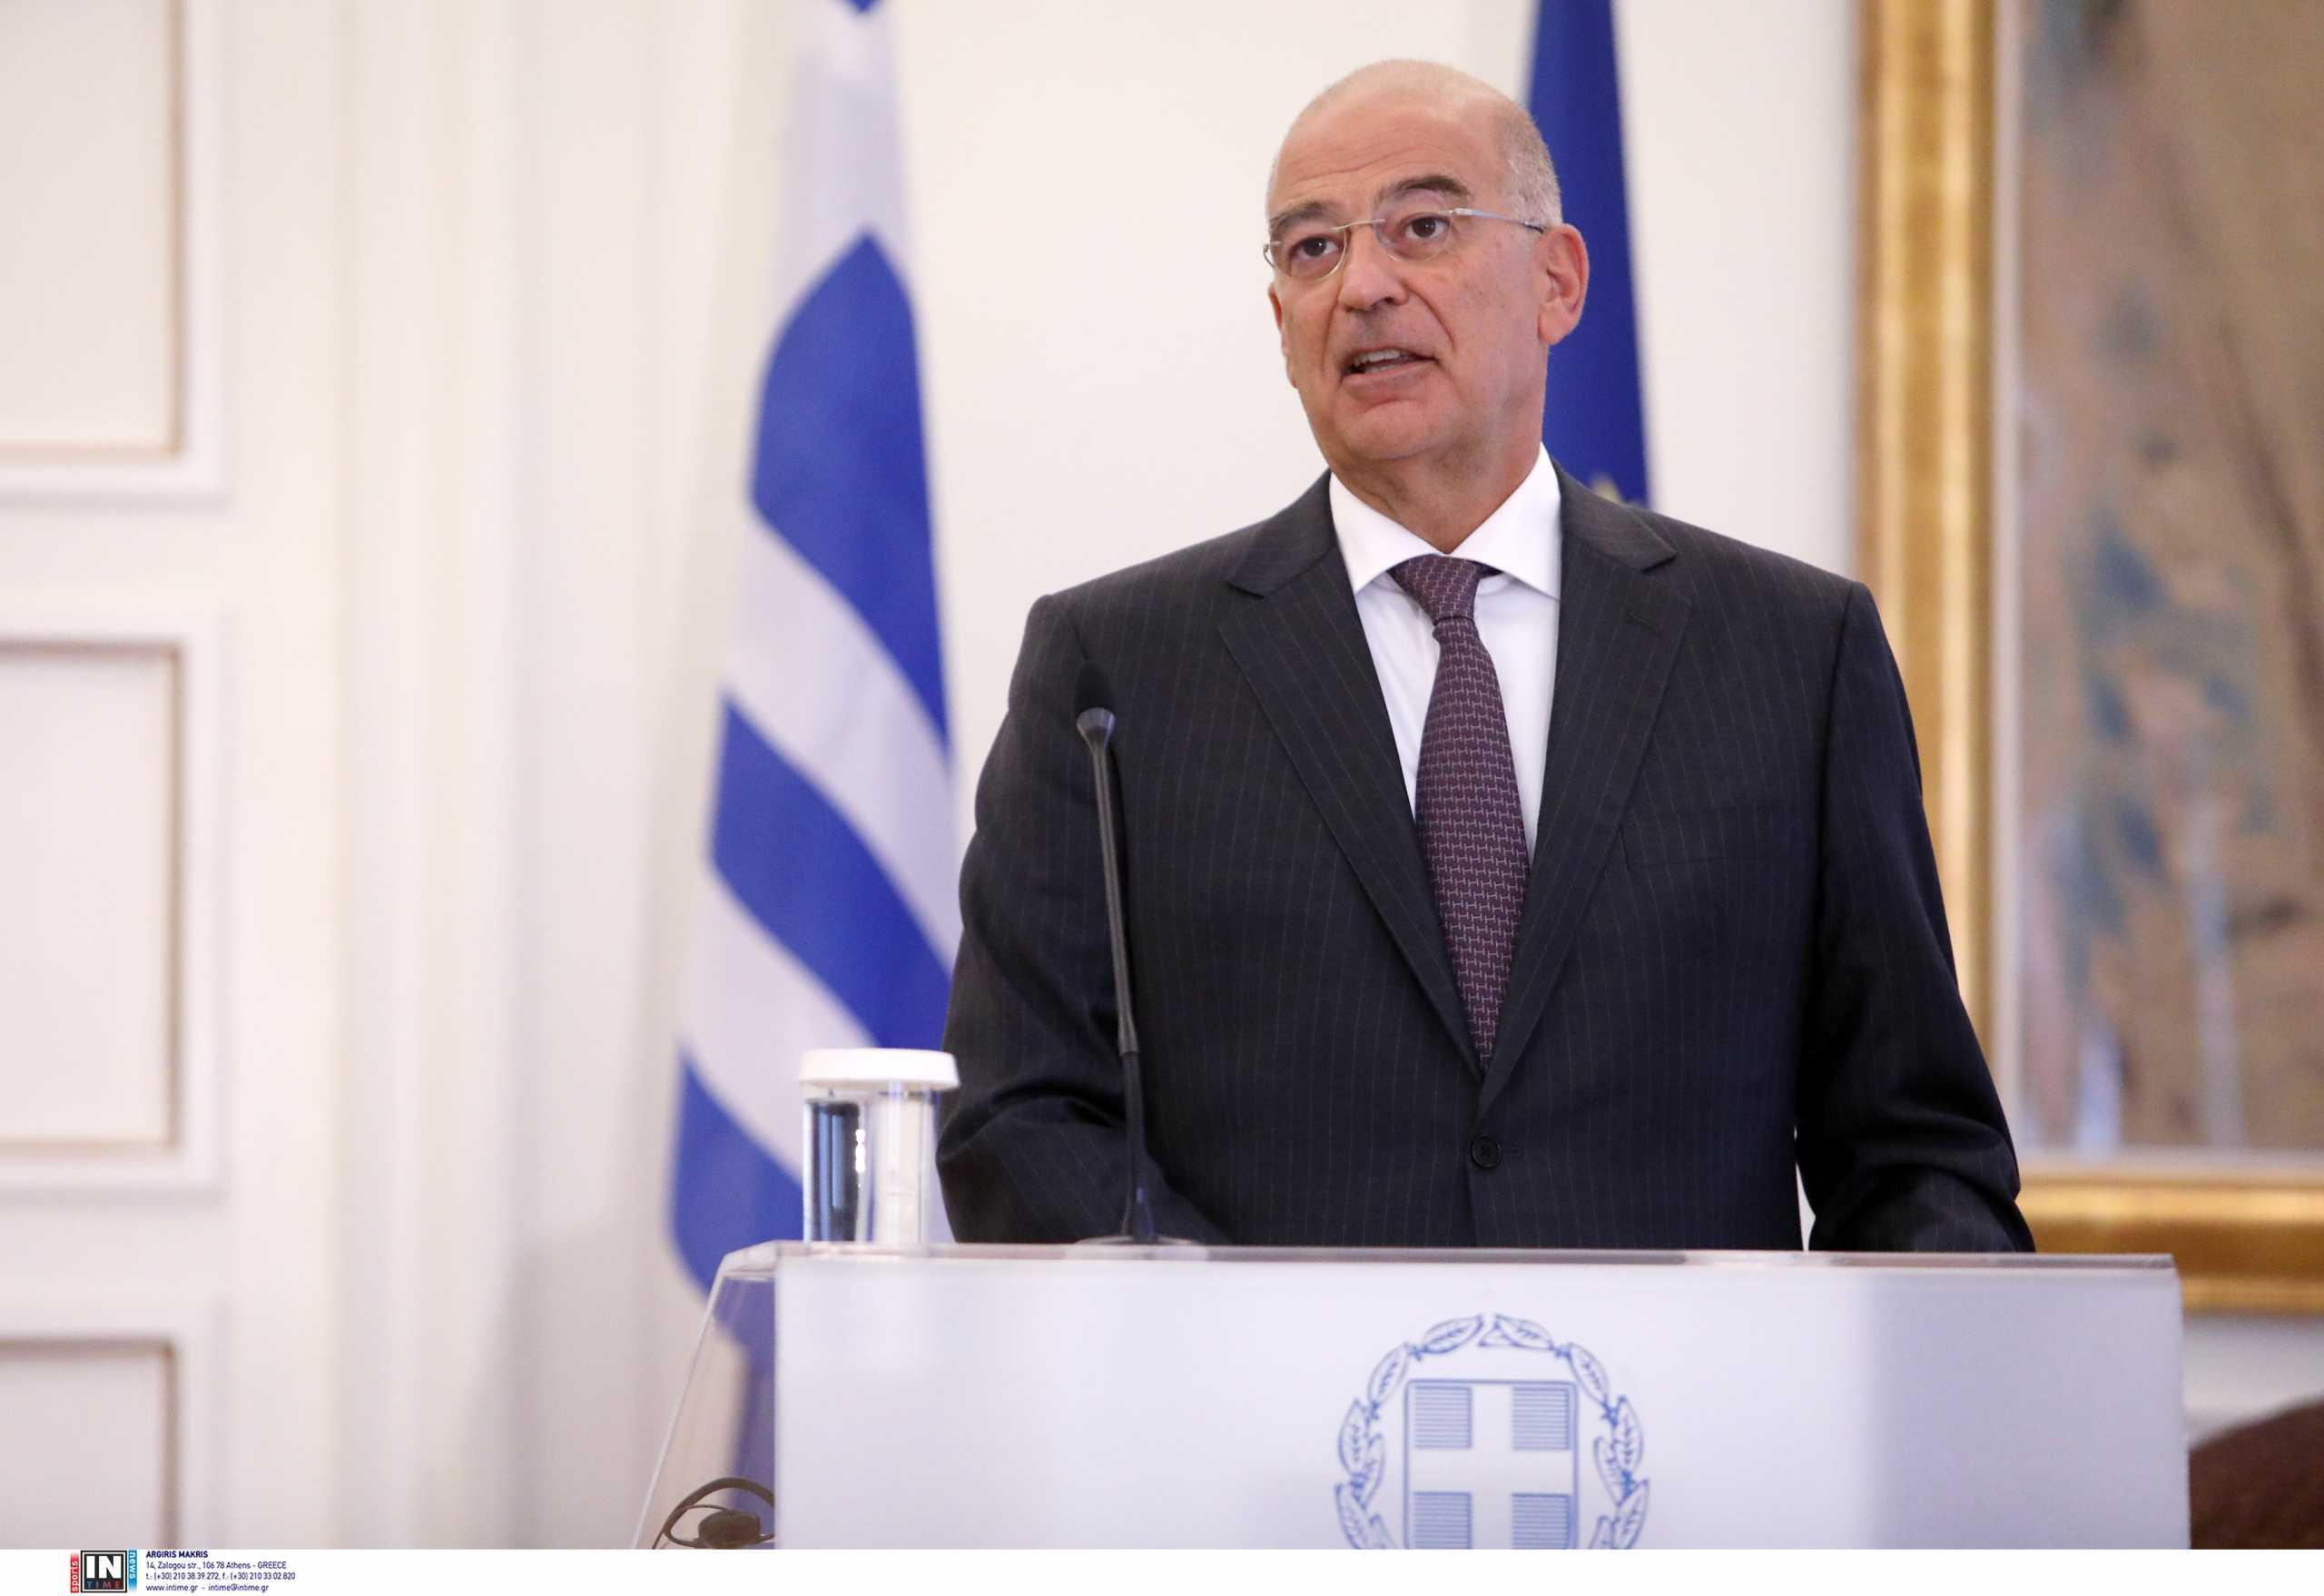 Νίκος Δένδιας: Εγκληματικές συμμορίες που συνεχίζουν να προπαγανδίζουν νεοναζιστικές ιδέες δεν έχουν θέση στην ελληνική κοινωνία